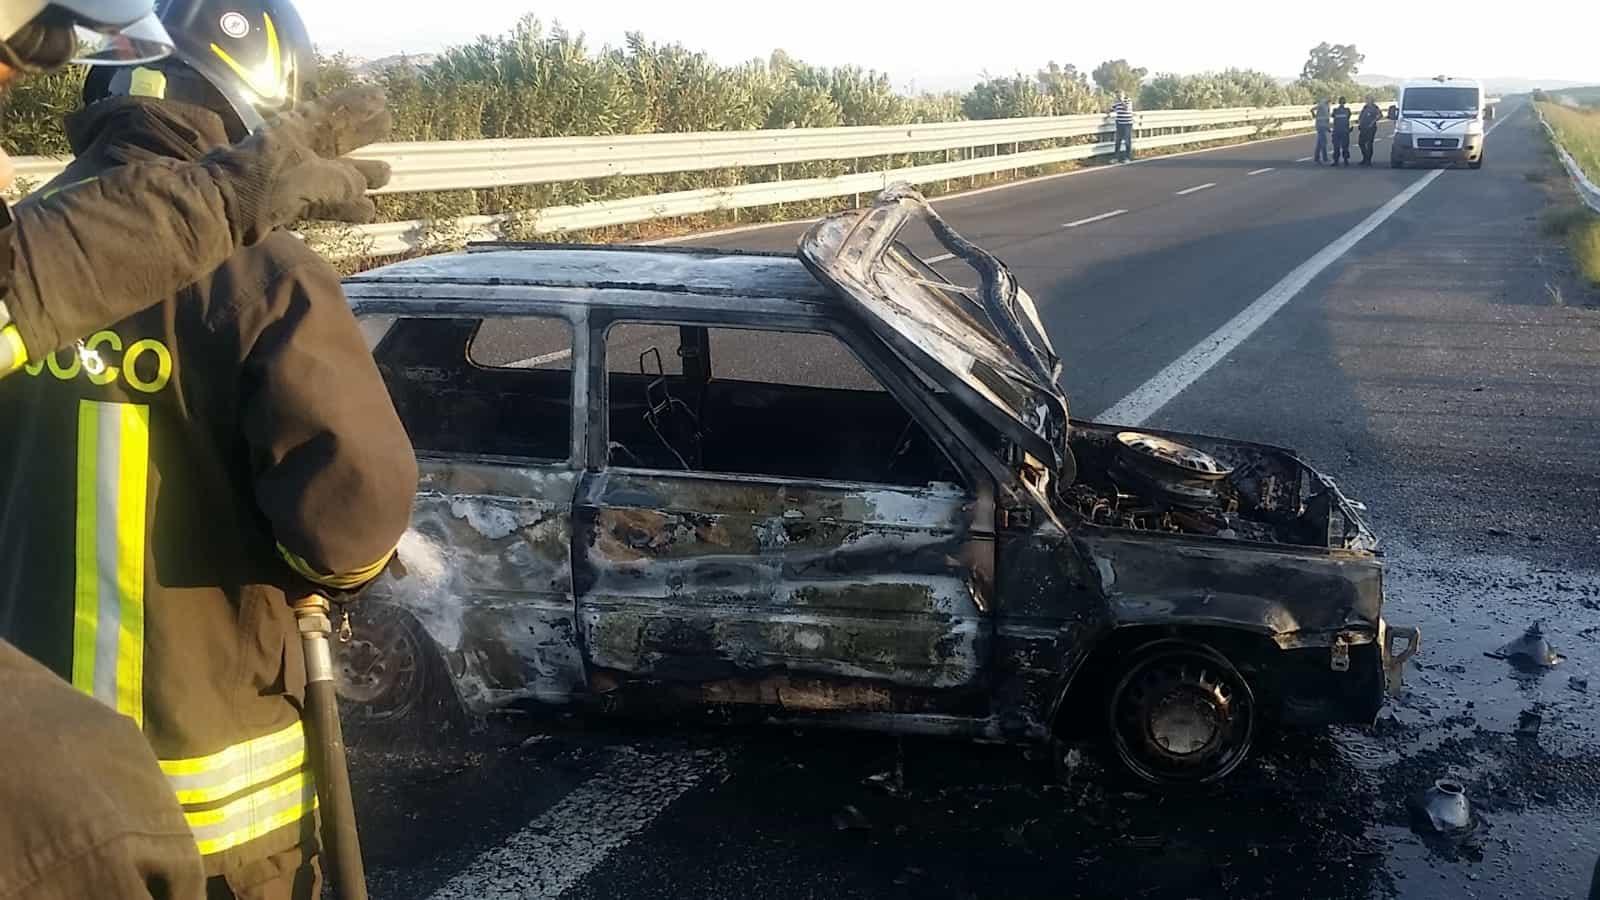 Puglia, commando assalta furgone portavalori, scene da film, pioggia di proiettili, auto in fiamme